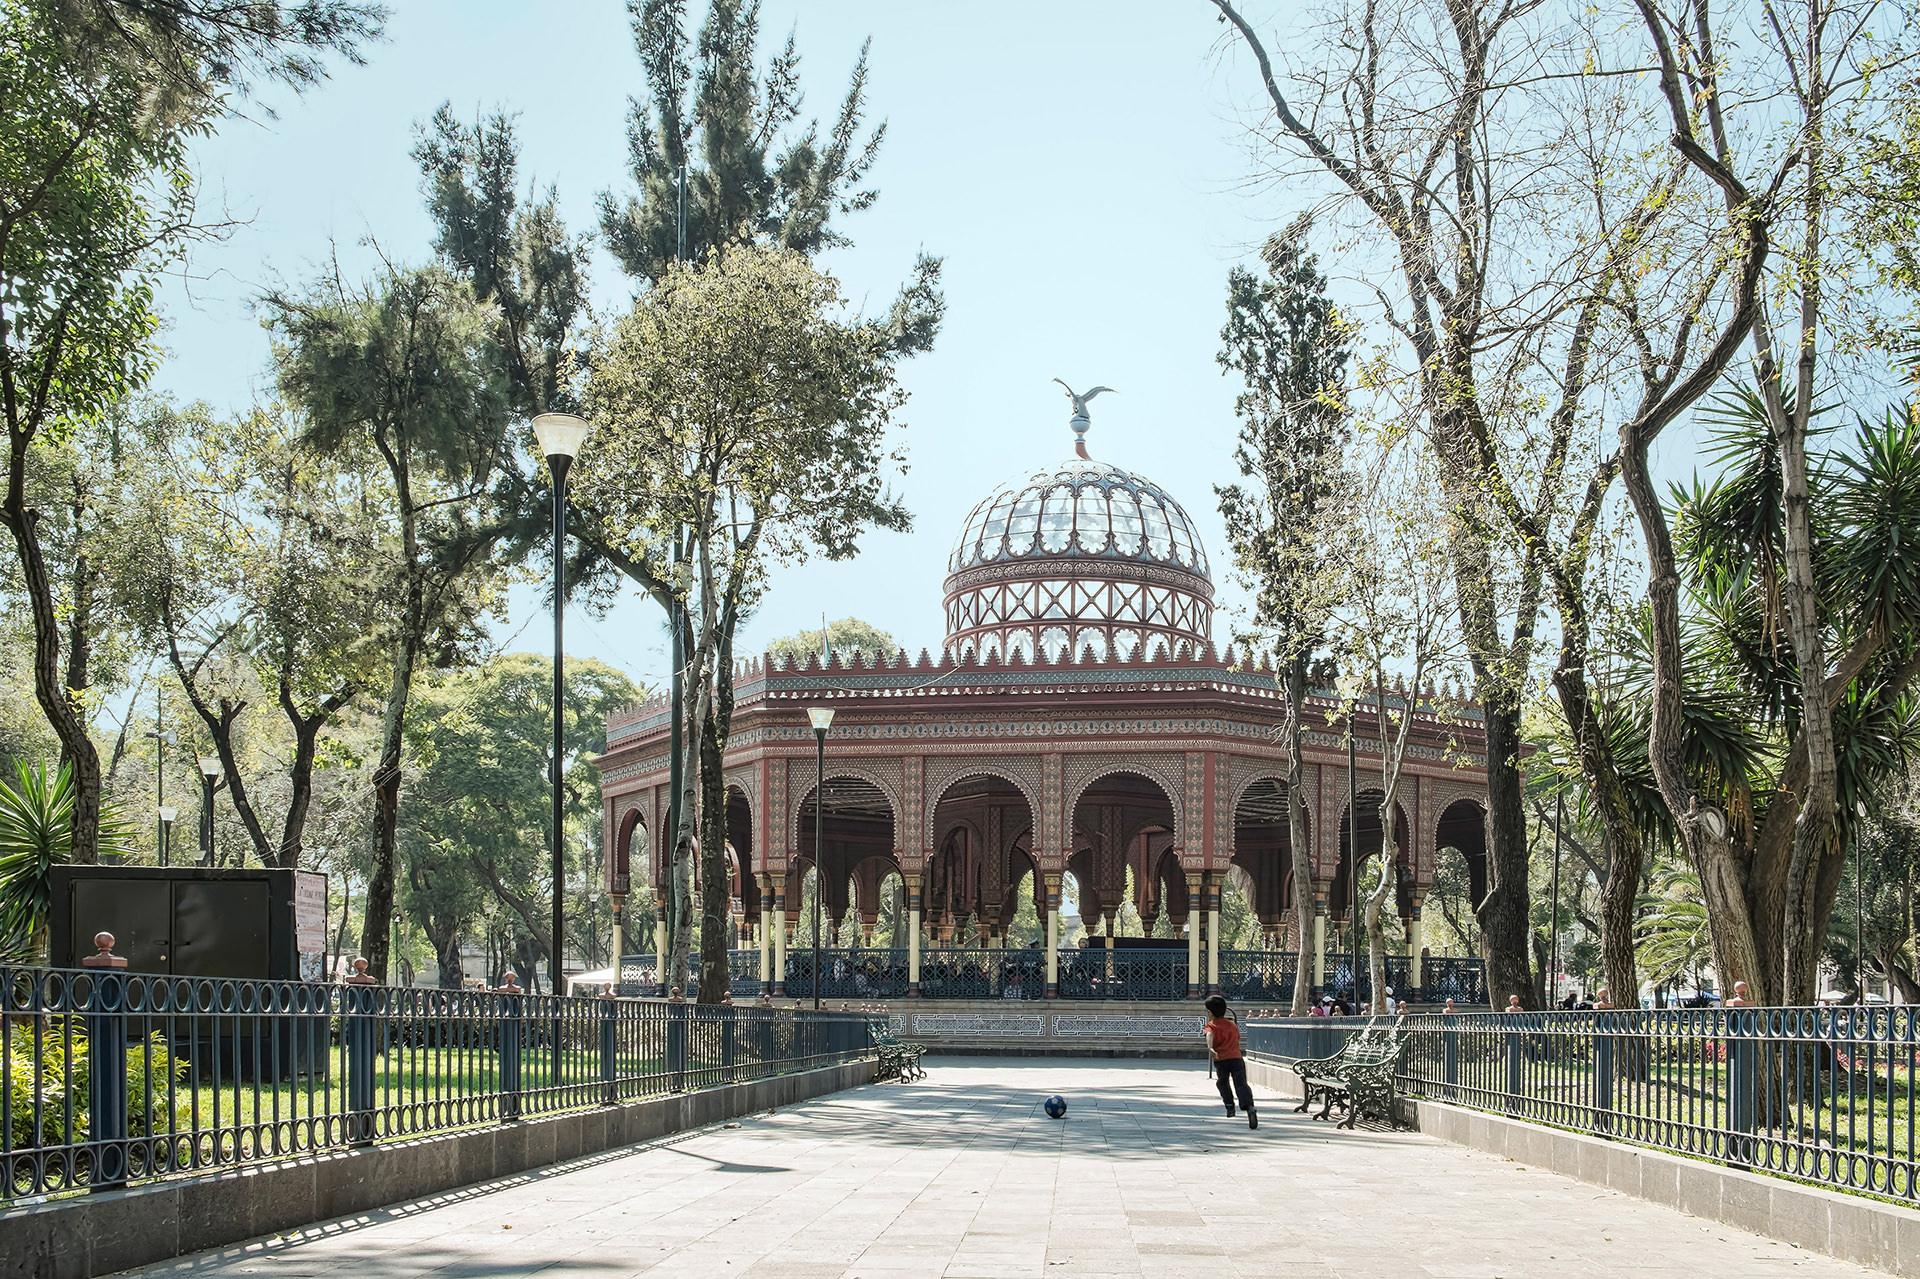 Quiosco of Santa Maria of the Rivera in Mexico City